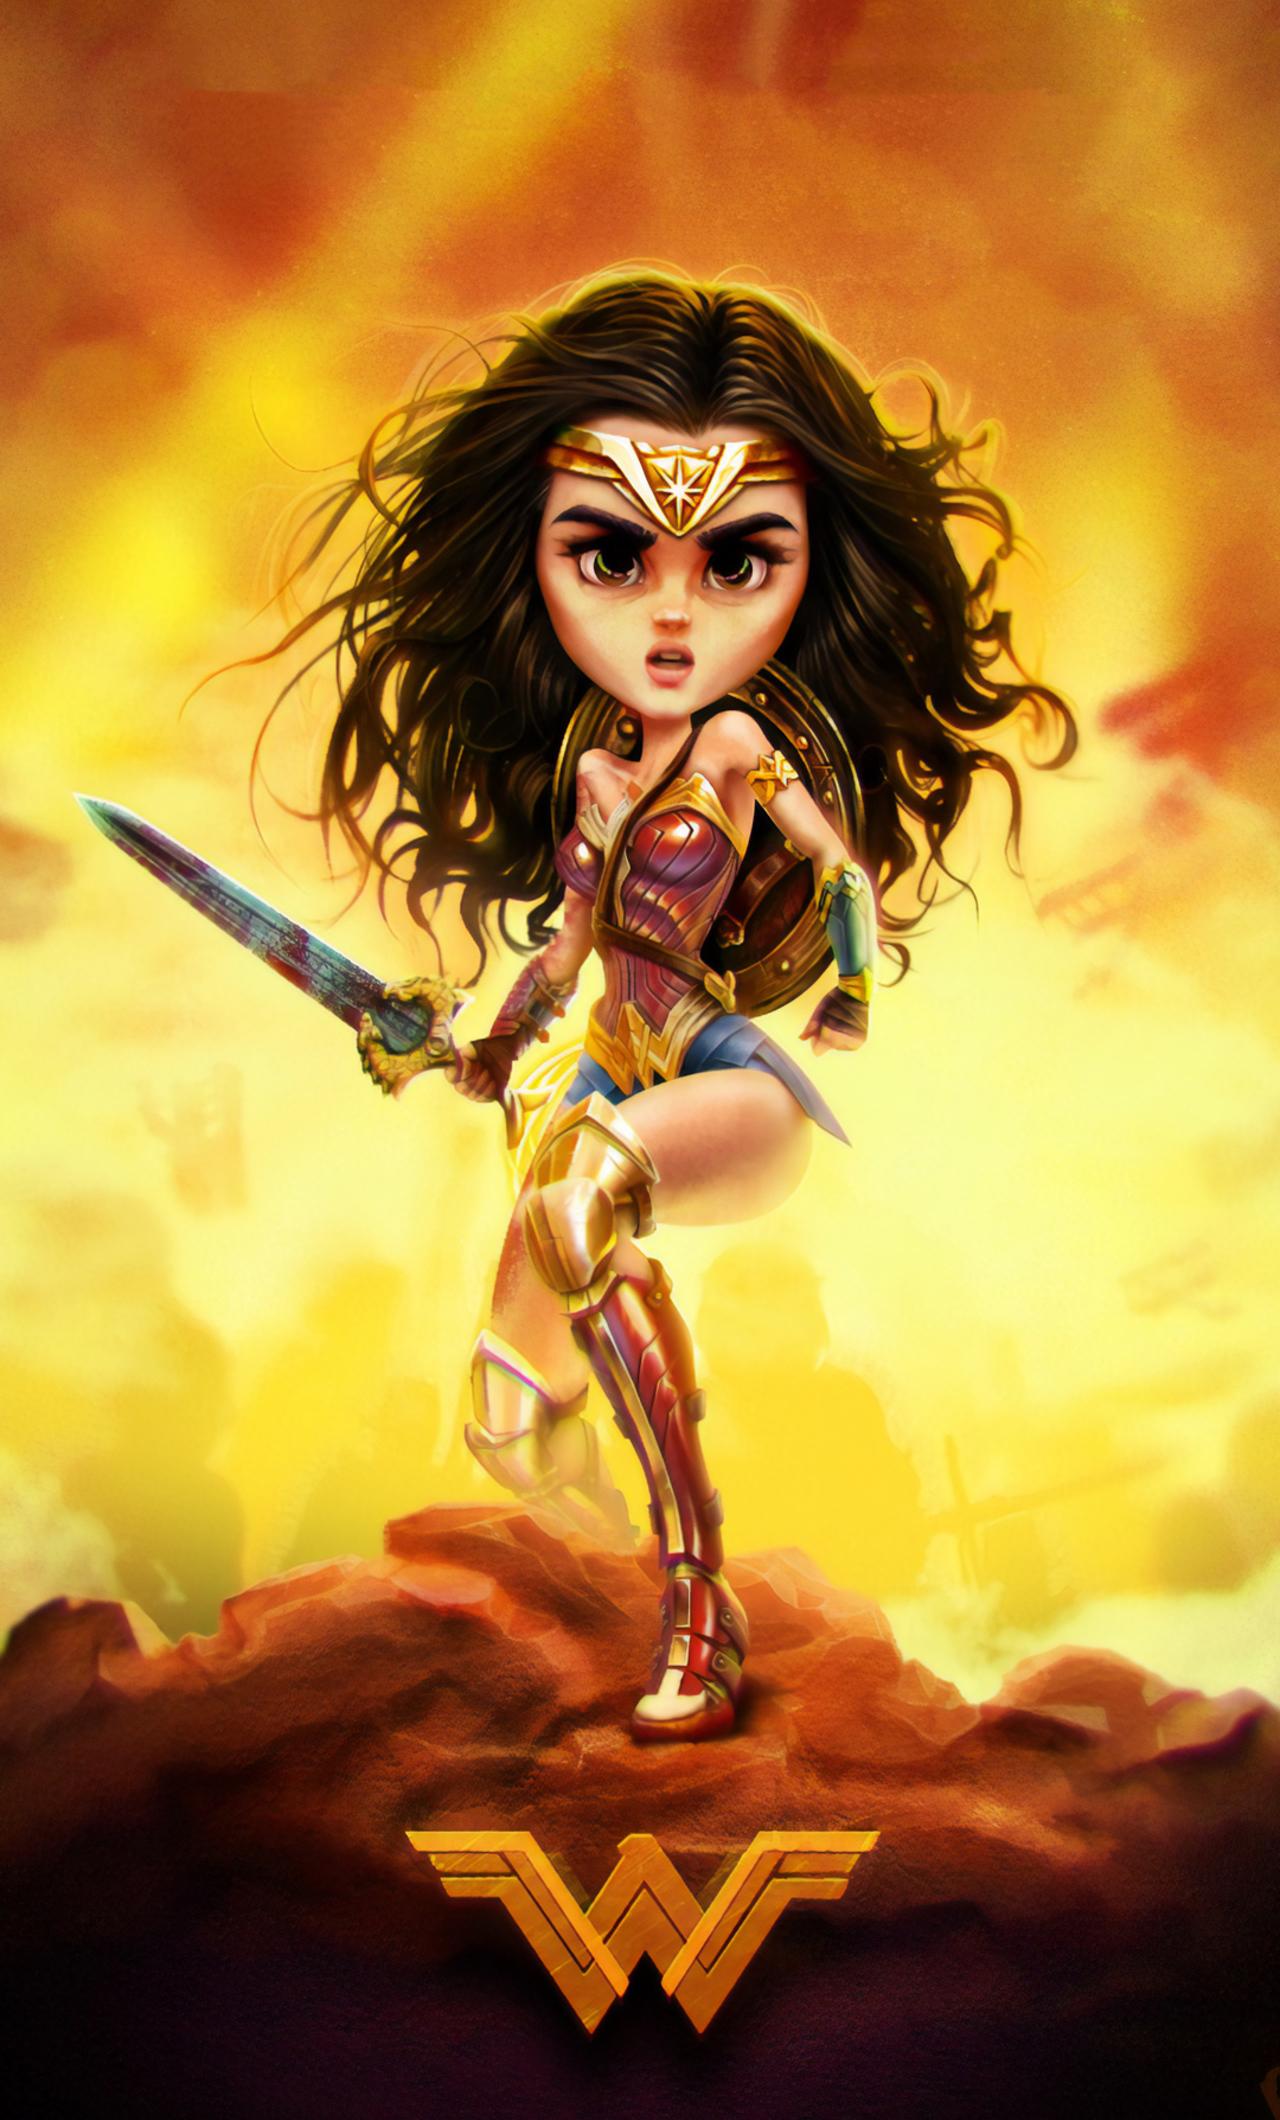 wonder-woman-pop-art-4k-k8.jpg